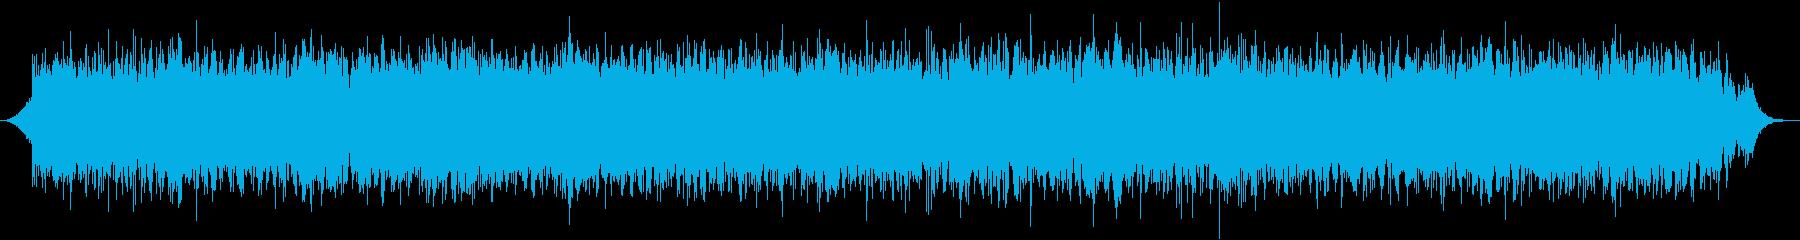 爽やかで軽快なサウンドが水音の癒やし効果の再生済みの波形